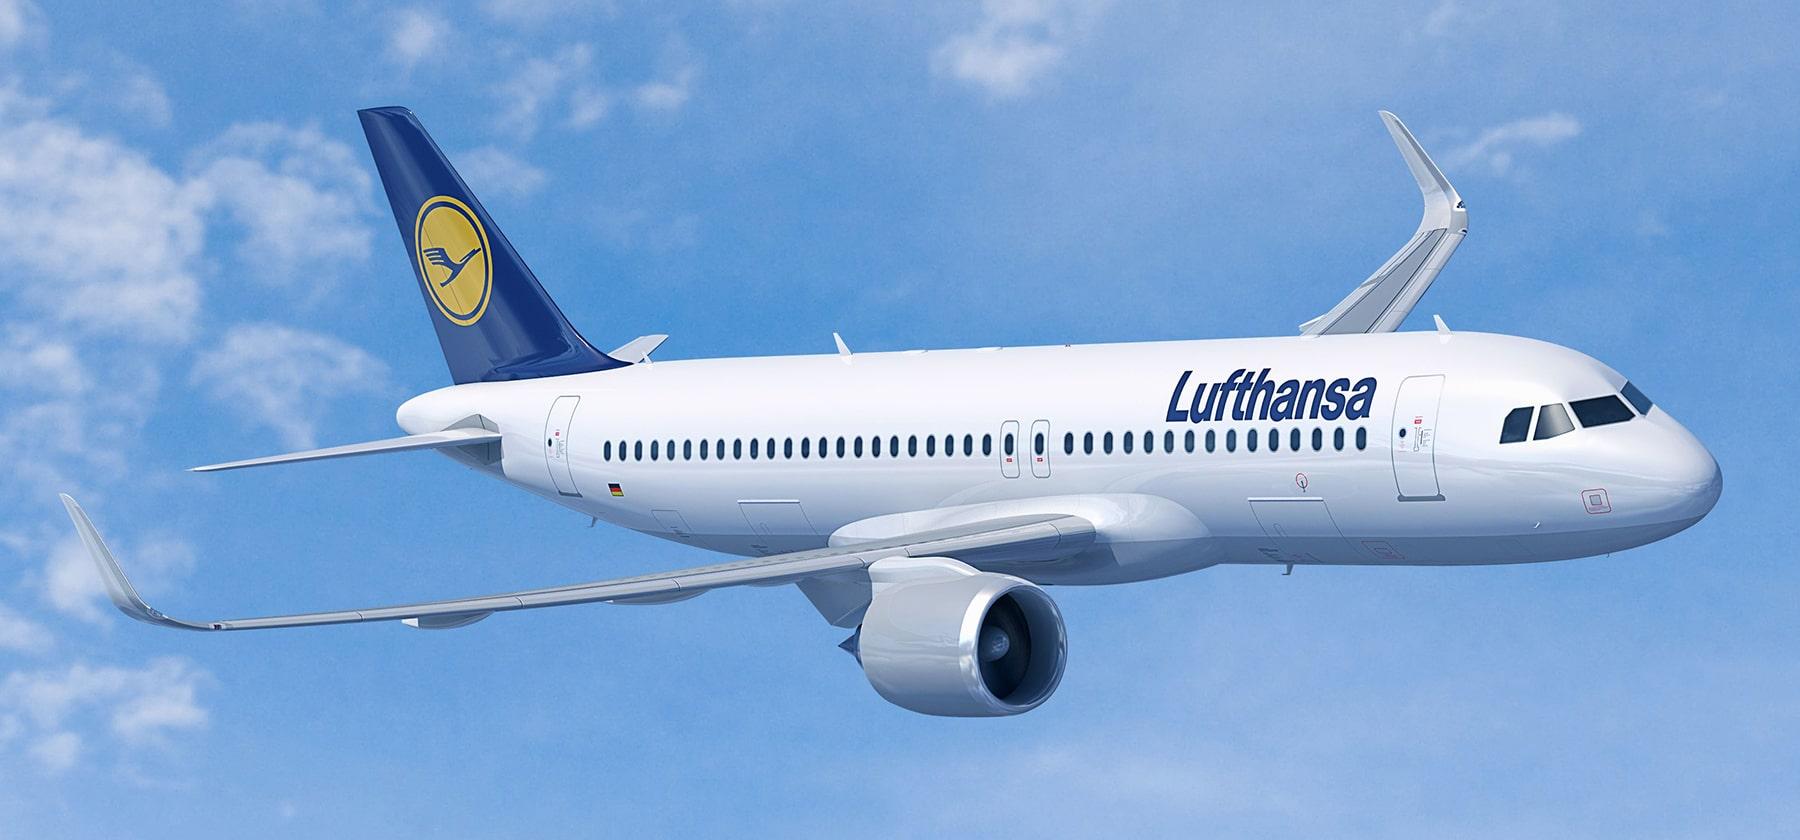 2018 05 28 Airbus A320neo Lufthansa 03.